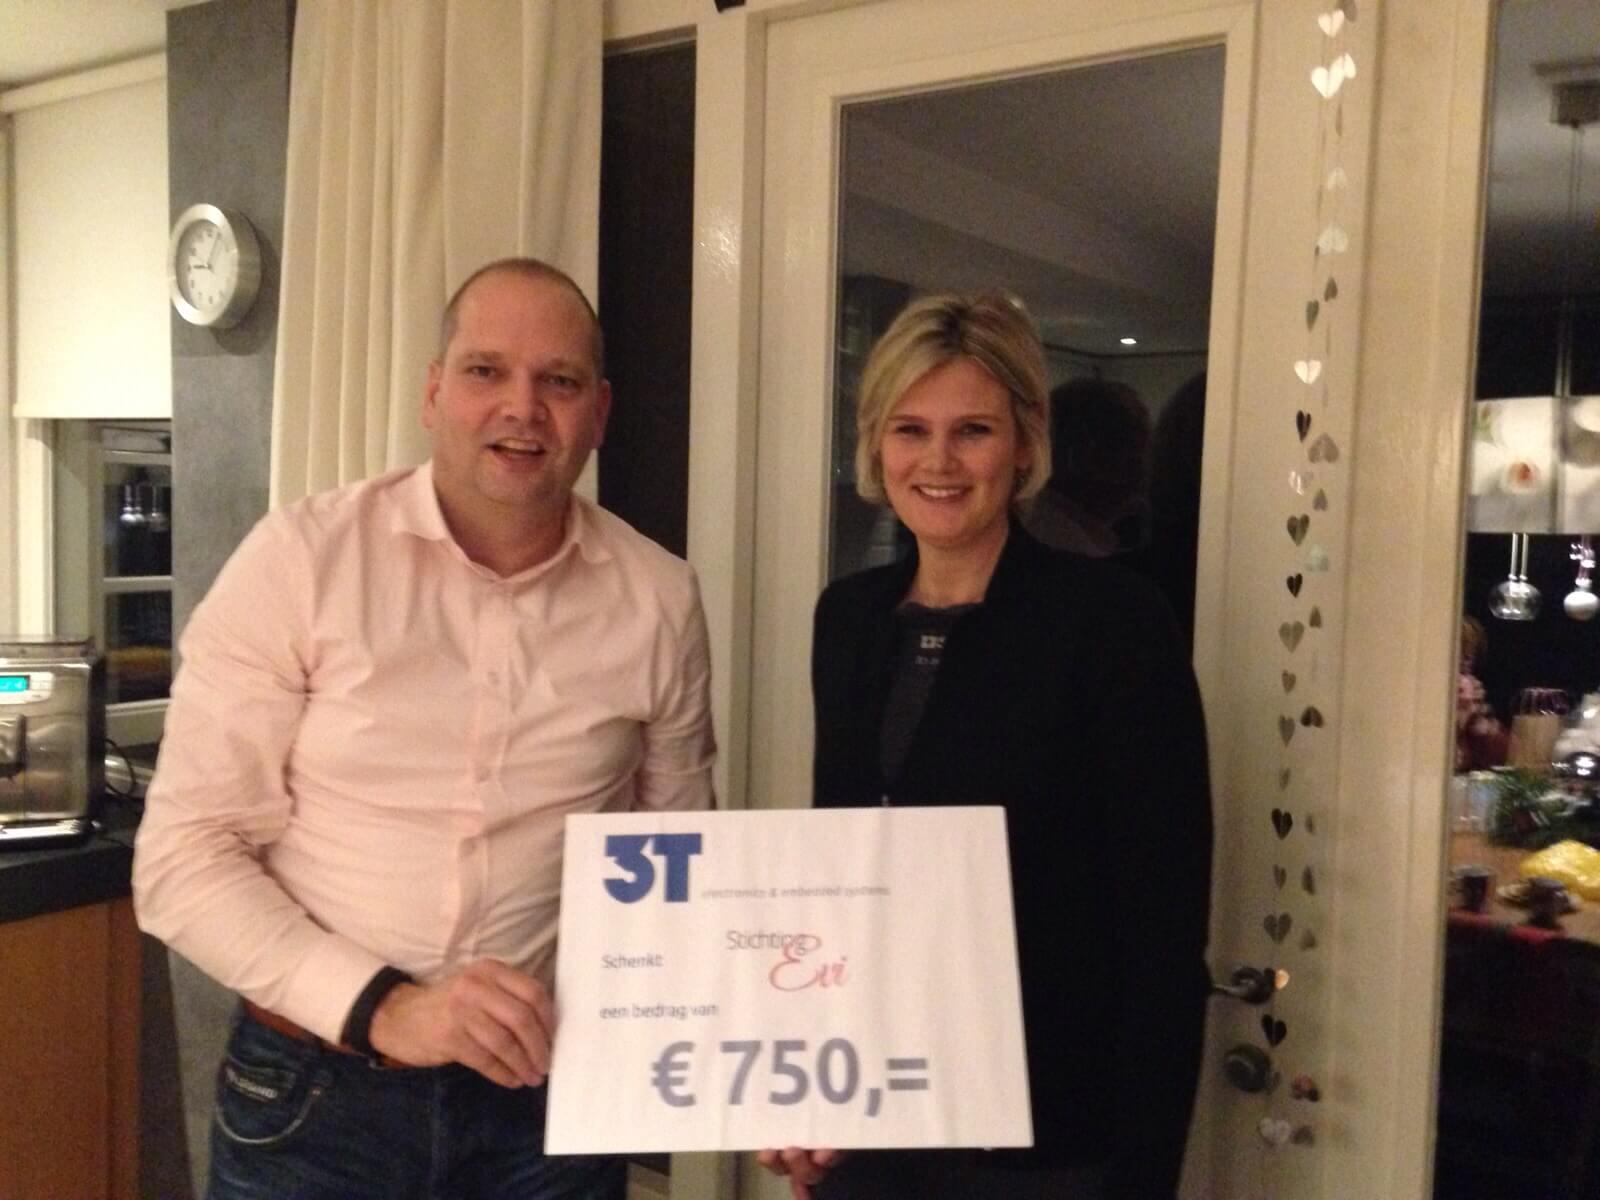 Cheque Stichting Evi